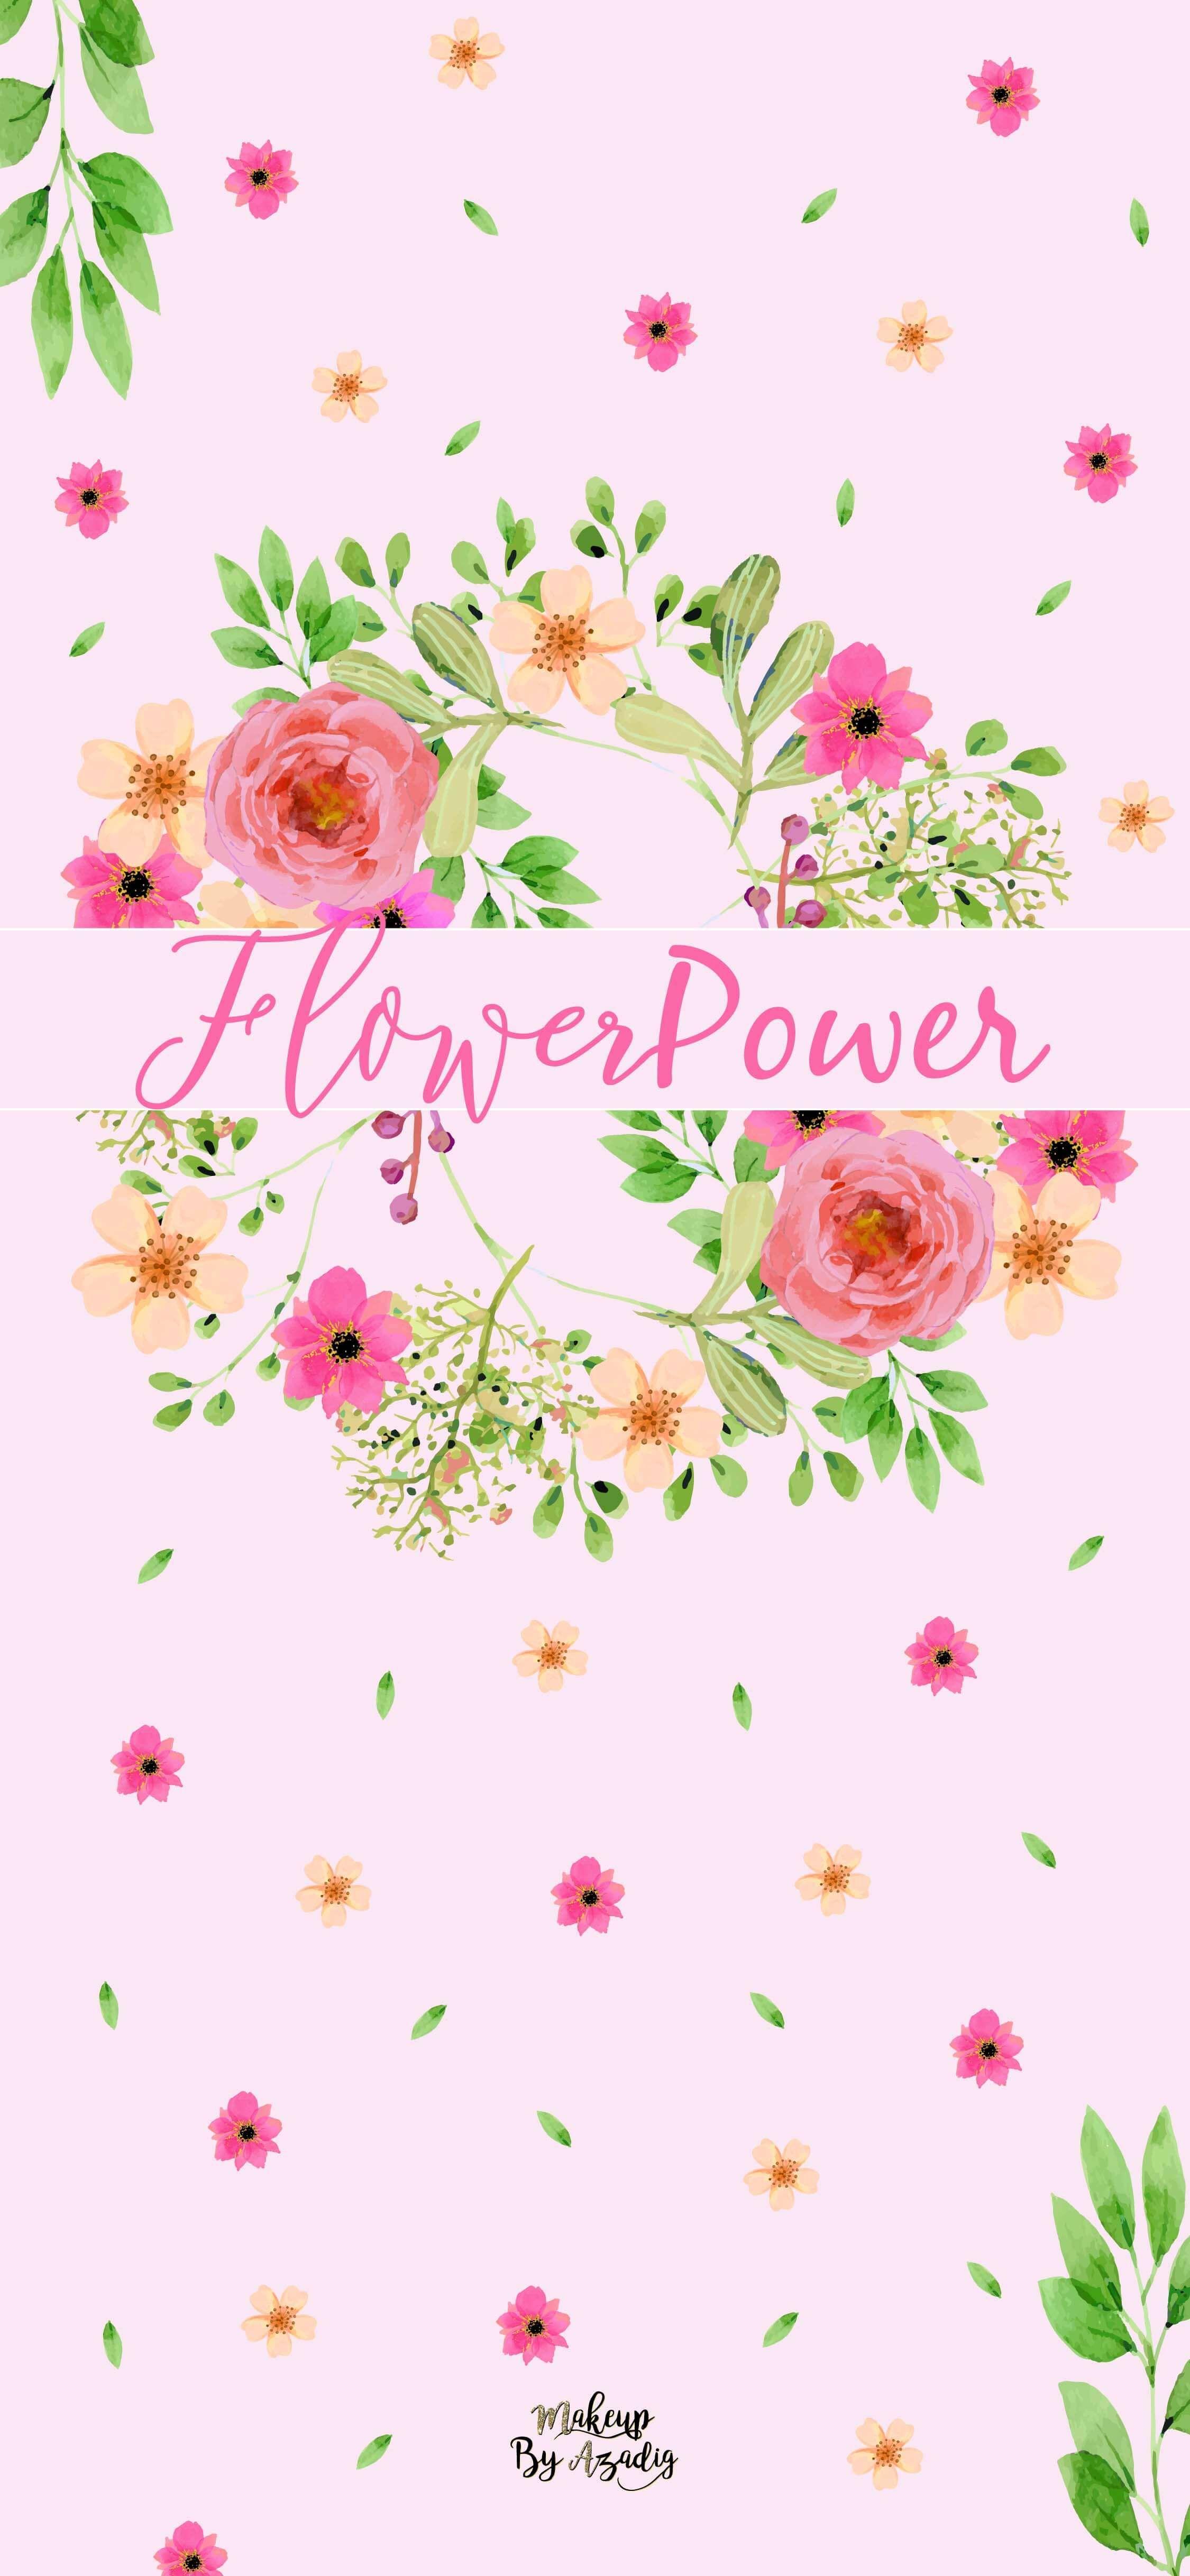 13 Fond D Ecran Flower Power Wallpaper Makeupbyazadig Fond Ecran Flower Power Fond D Ecran Telephone